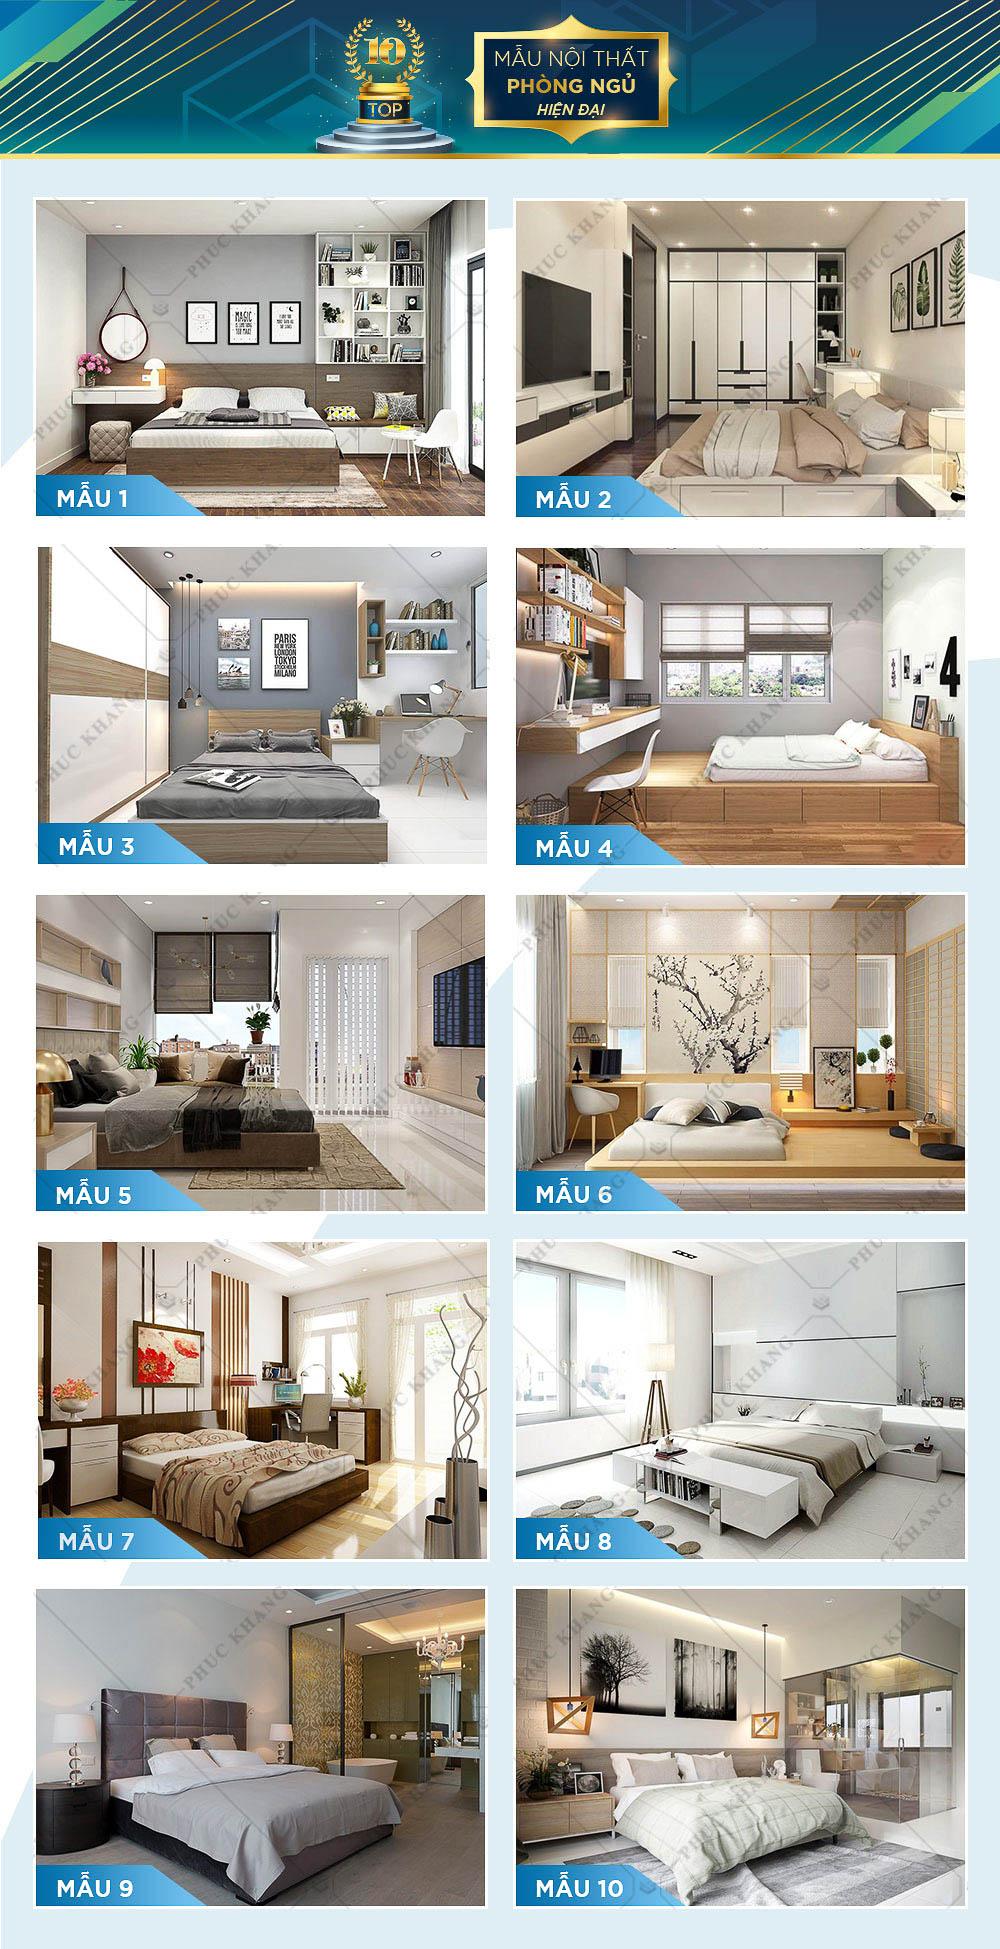 mẫu nội thất phòng ngủ hiện đại đẹp